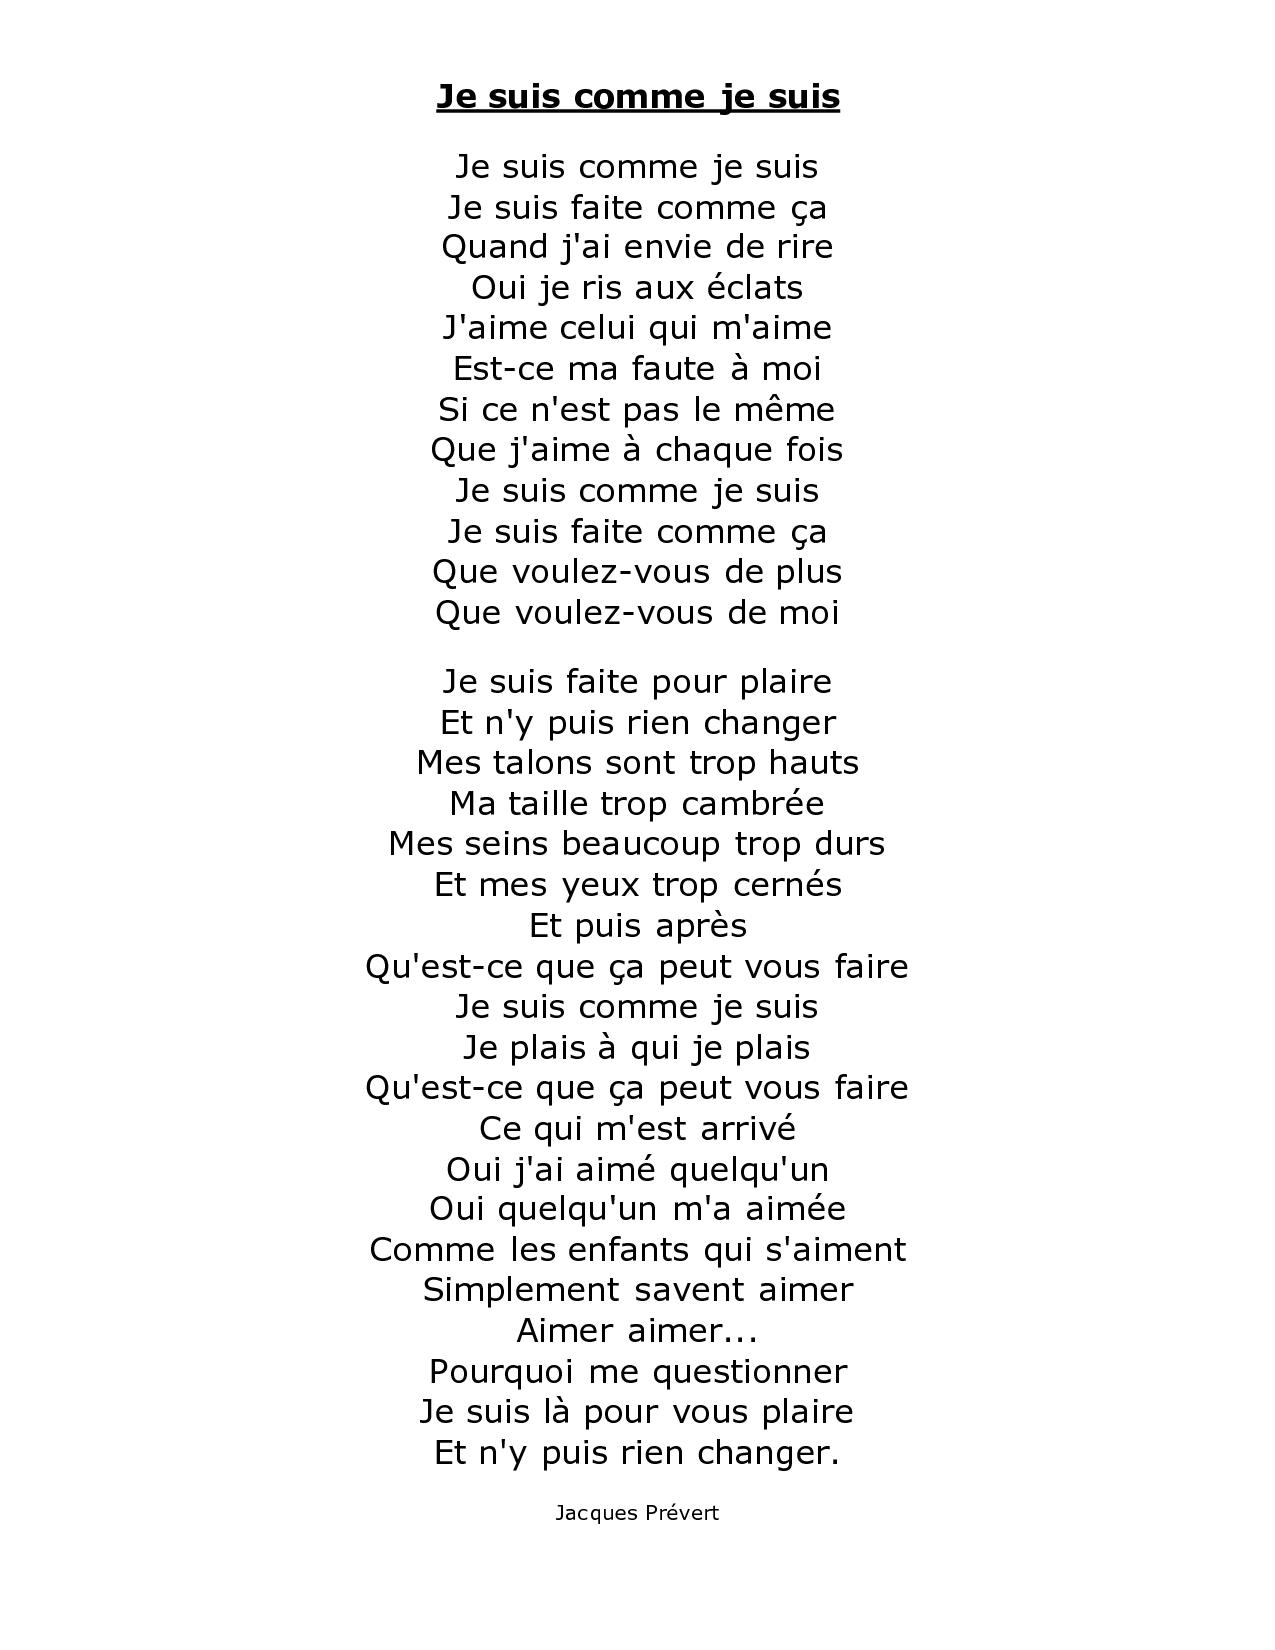 Je Suis Qui Je Suis : Épinglé, Valerie, Dutot, Ecrire, Peindre, Poeme, Francais,, Prevert, Poeme,, Citation